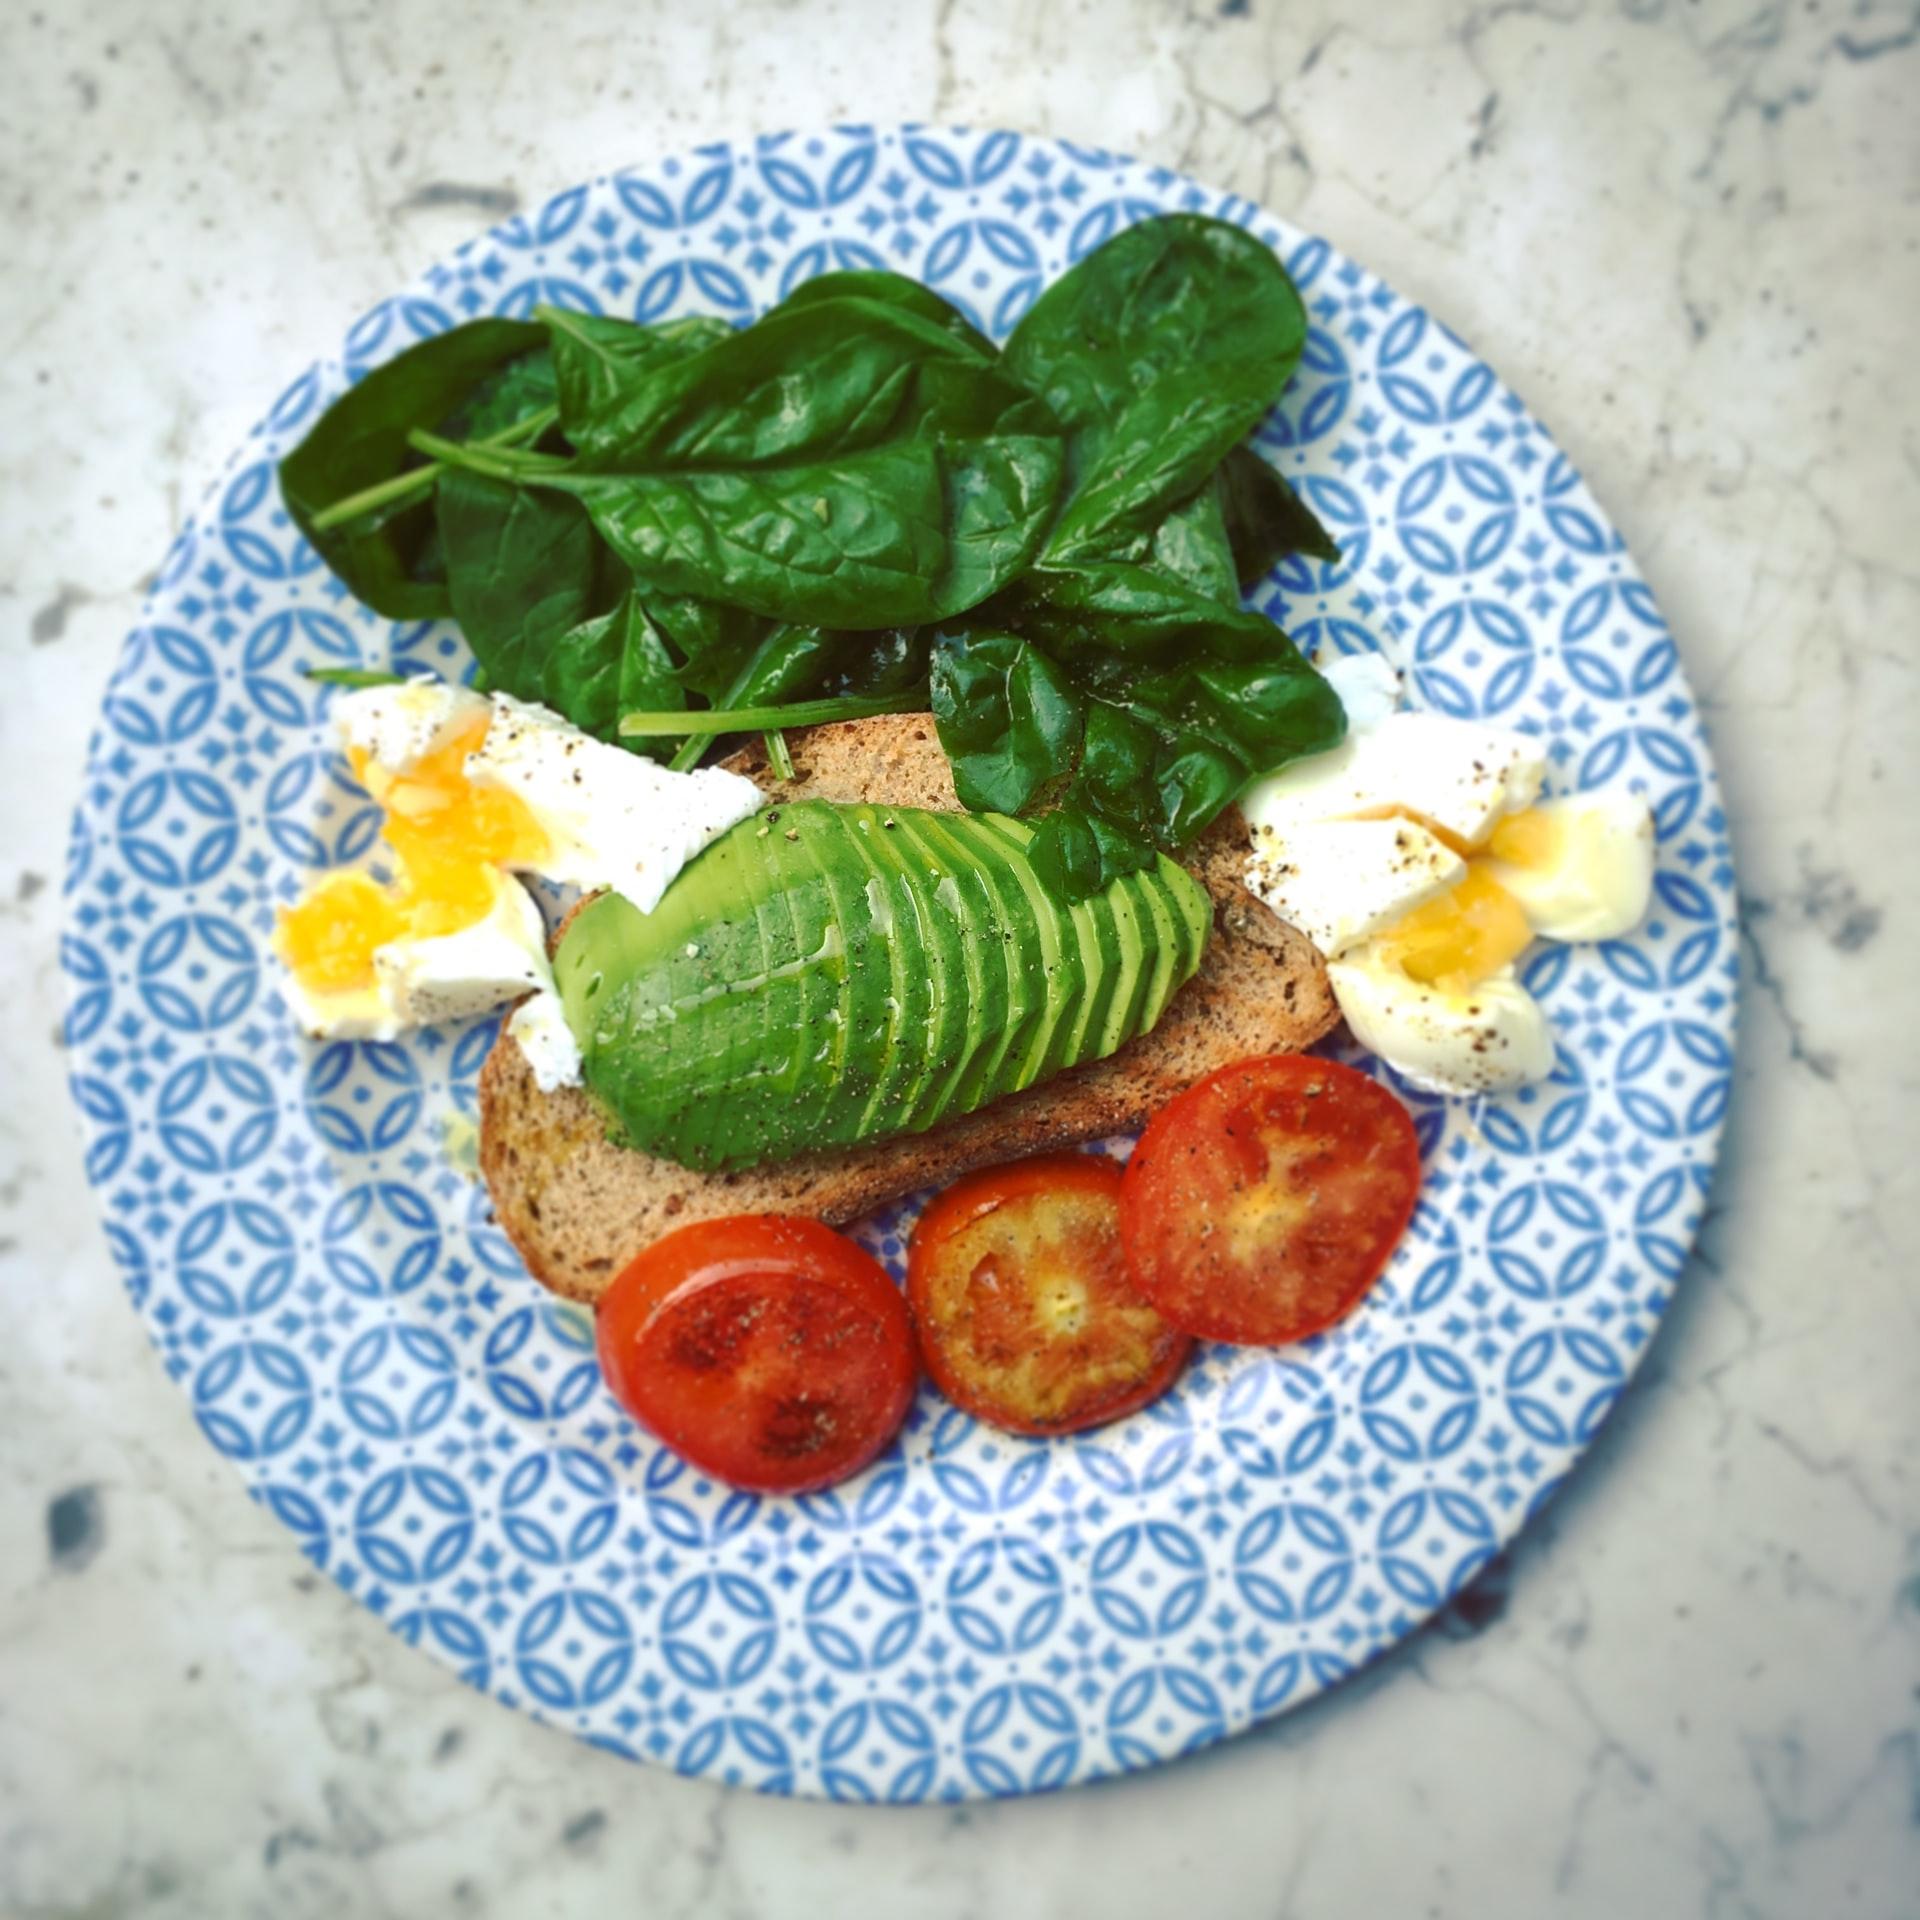 Avocado healthy snack breakfast